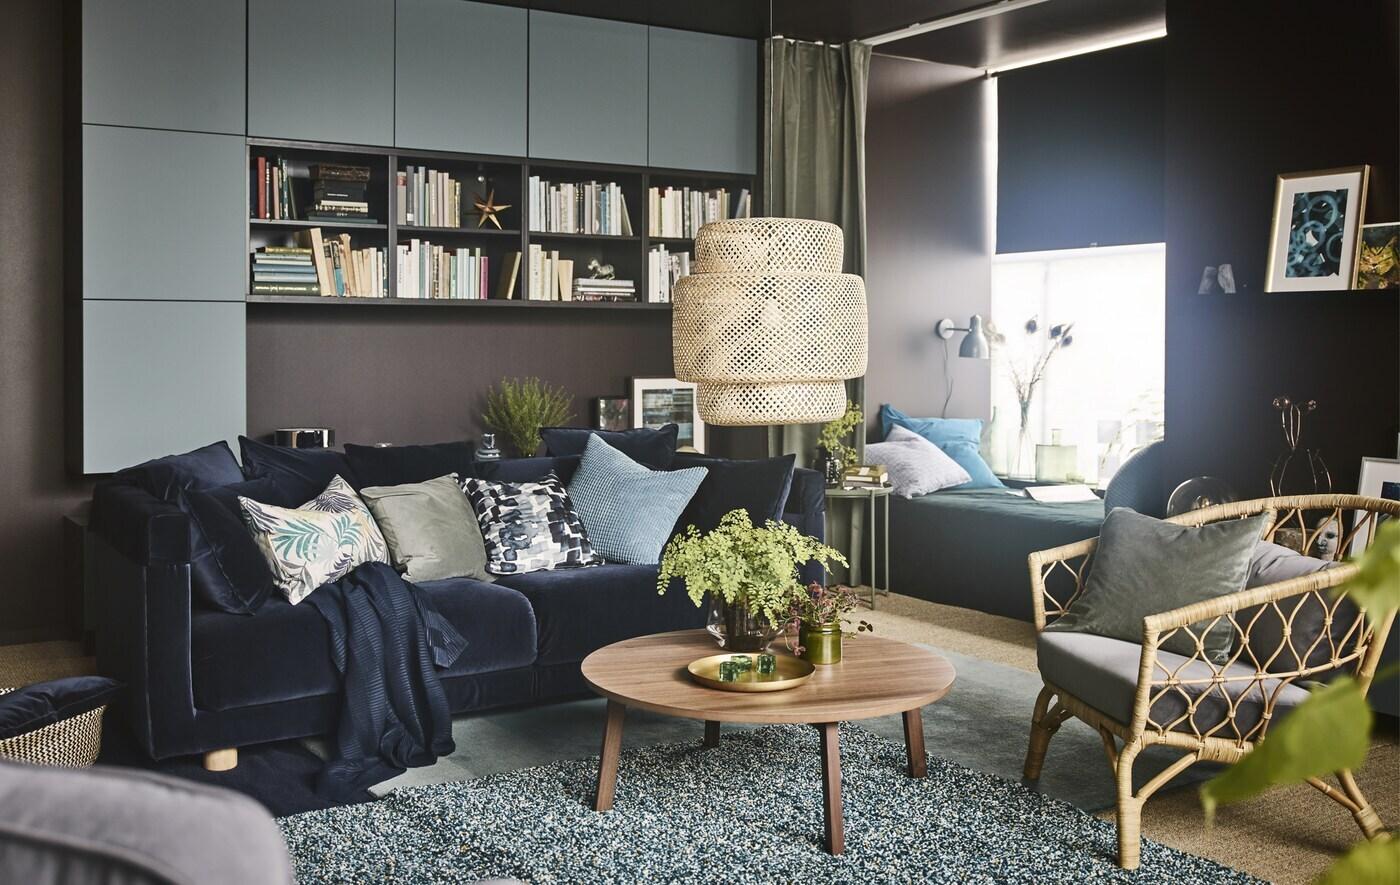 Гостиная мечты для ИКЕА, спроектированная Осой Дюберг, одним из самых опытных дизайнеров интерьера в Швеции. В результате получилось уютное многофункциональное место с бархатным диваном темно-синего цвета, журнальным столиком из грецкого ореха и кушеткой с зелеными шторами, благодаря которым создана